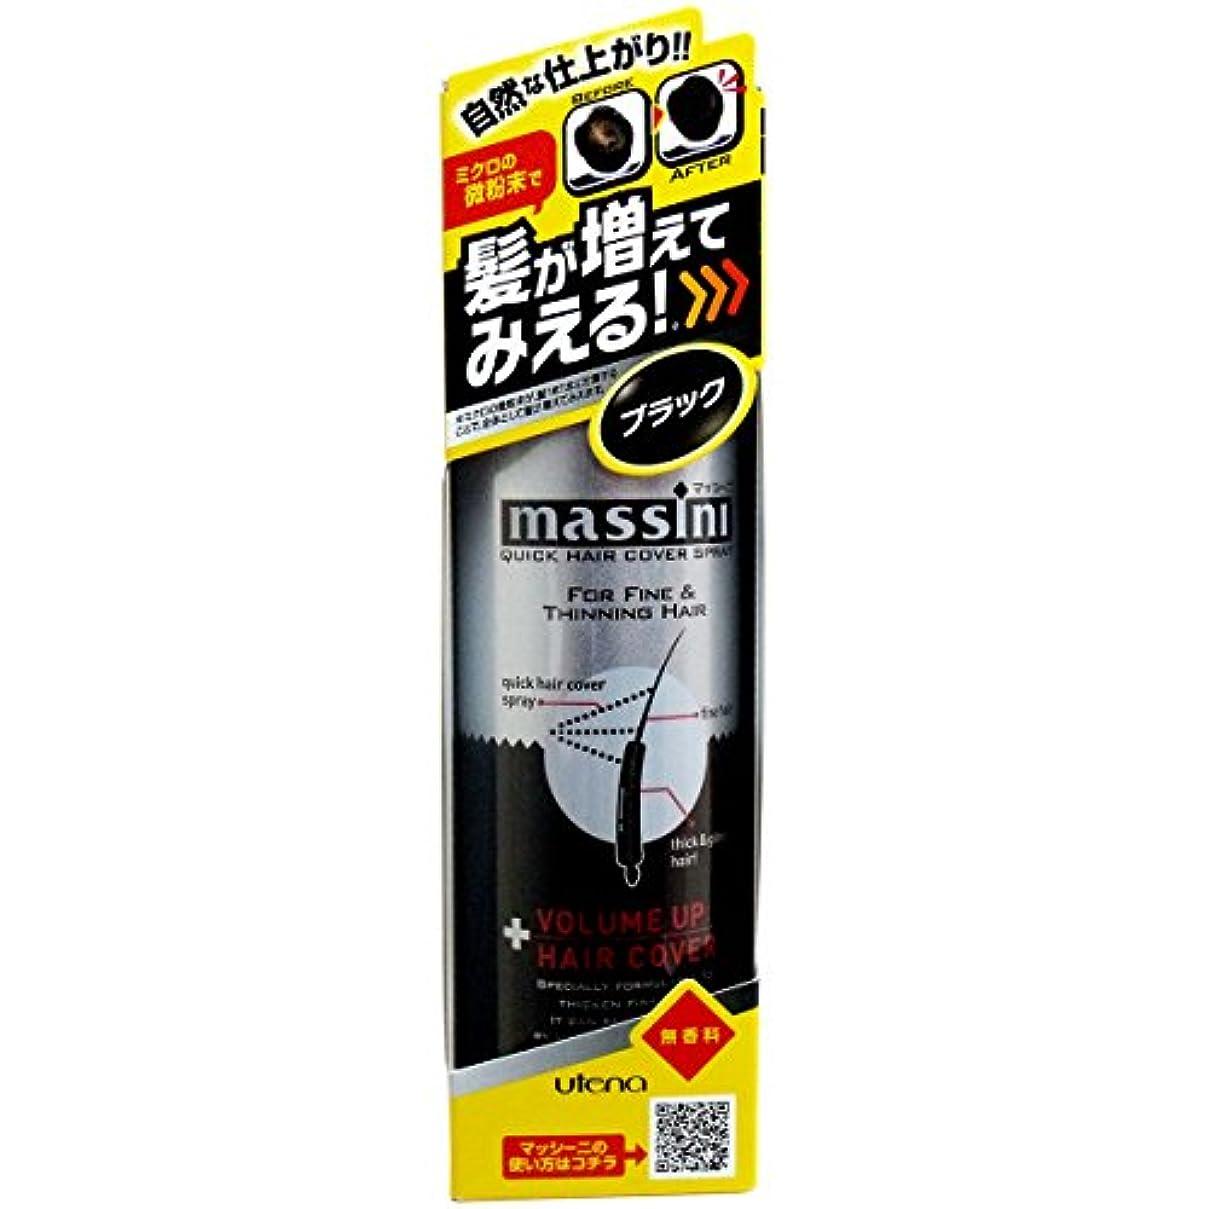 ハプニング飛躍行列【まとめ買い】マッシーニ クイックヘアカバースプレーBK(ブラック) 1P ×2セット